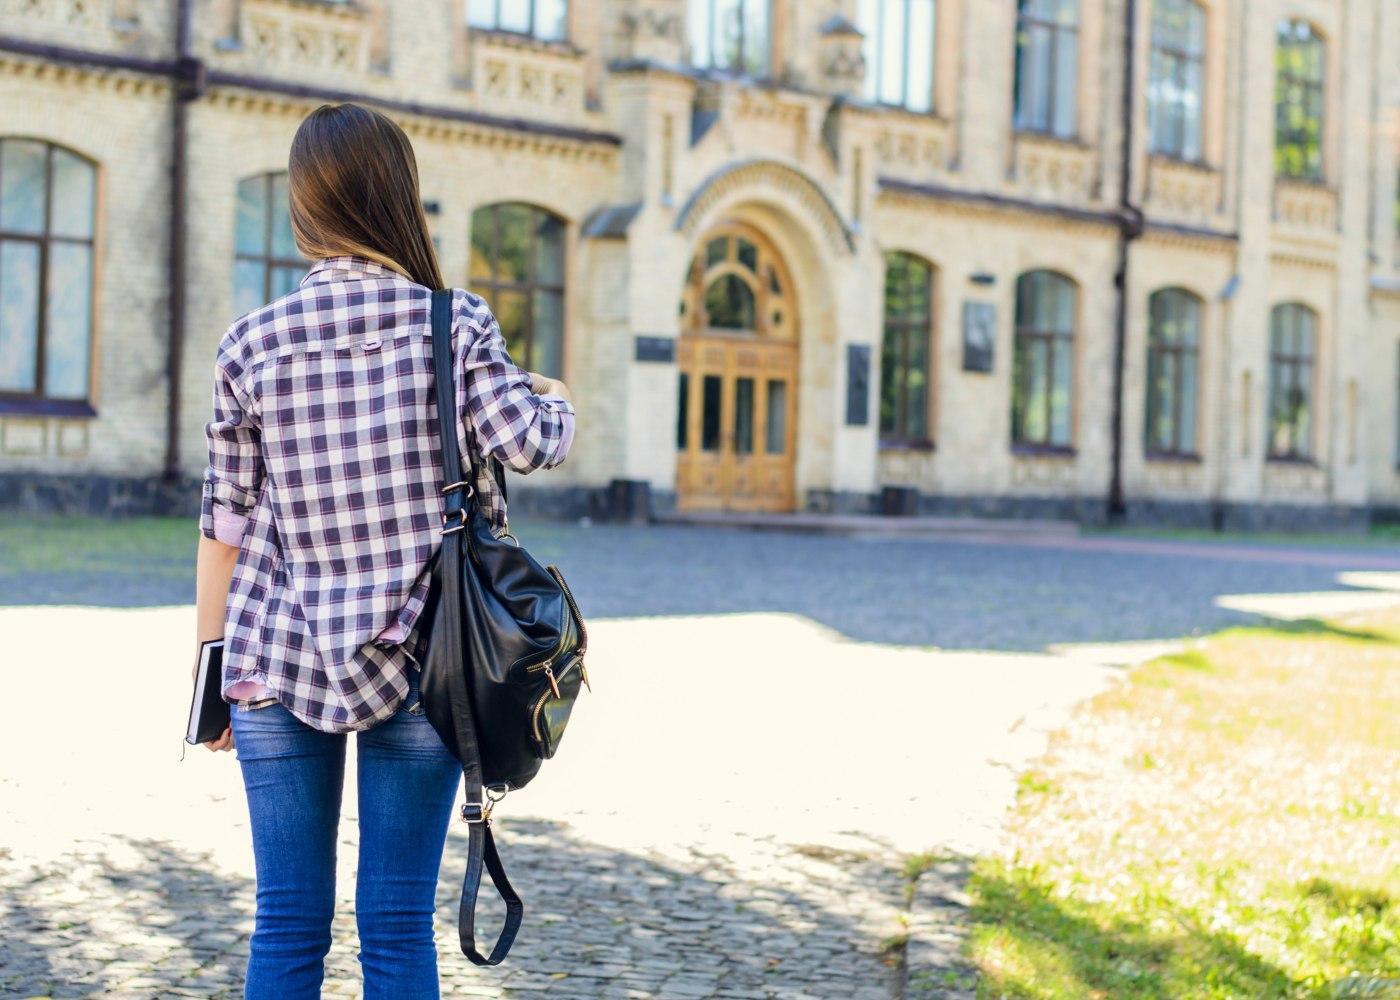 aluna da faculdade a ir para as aulas